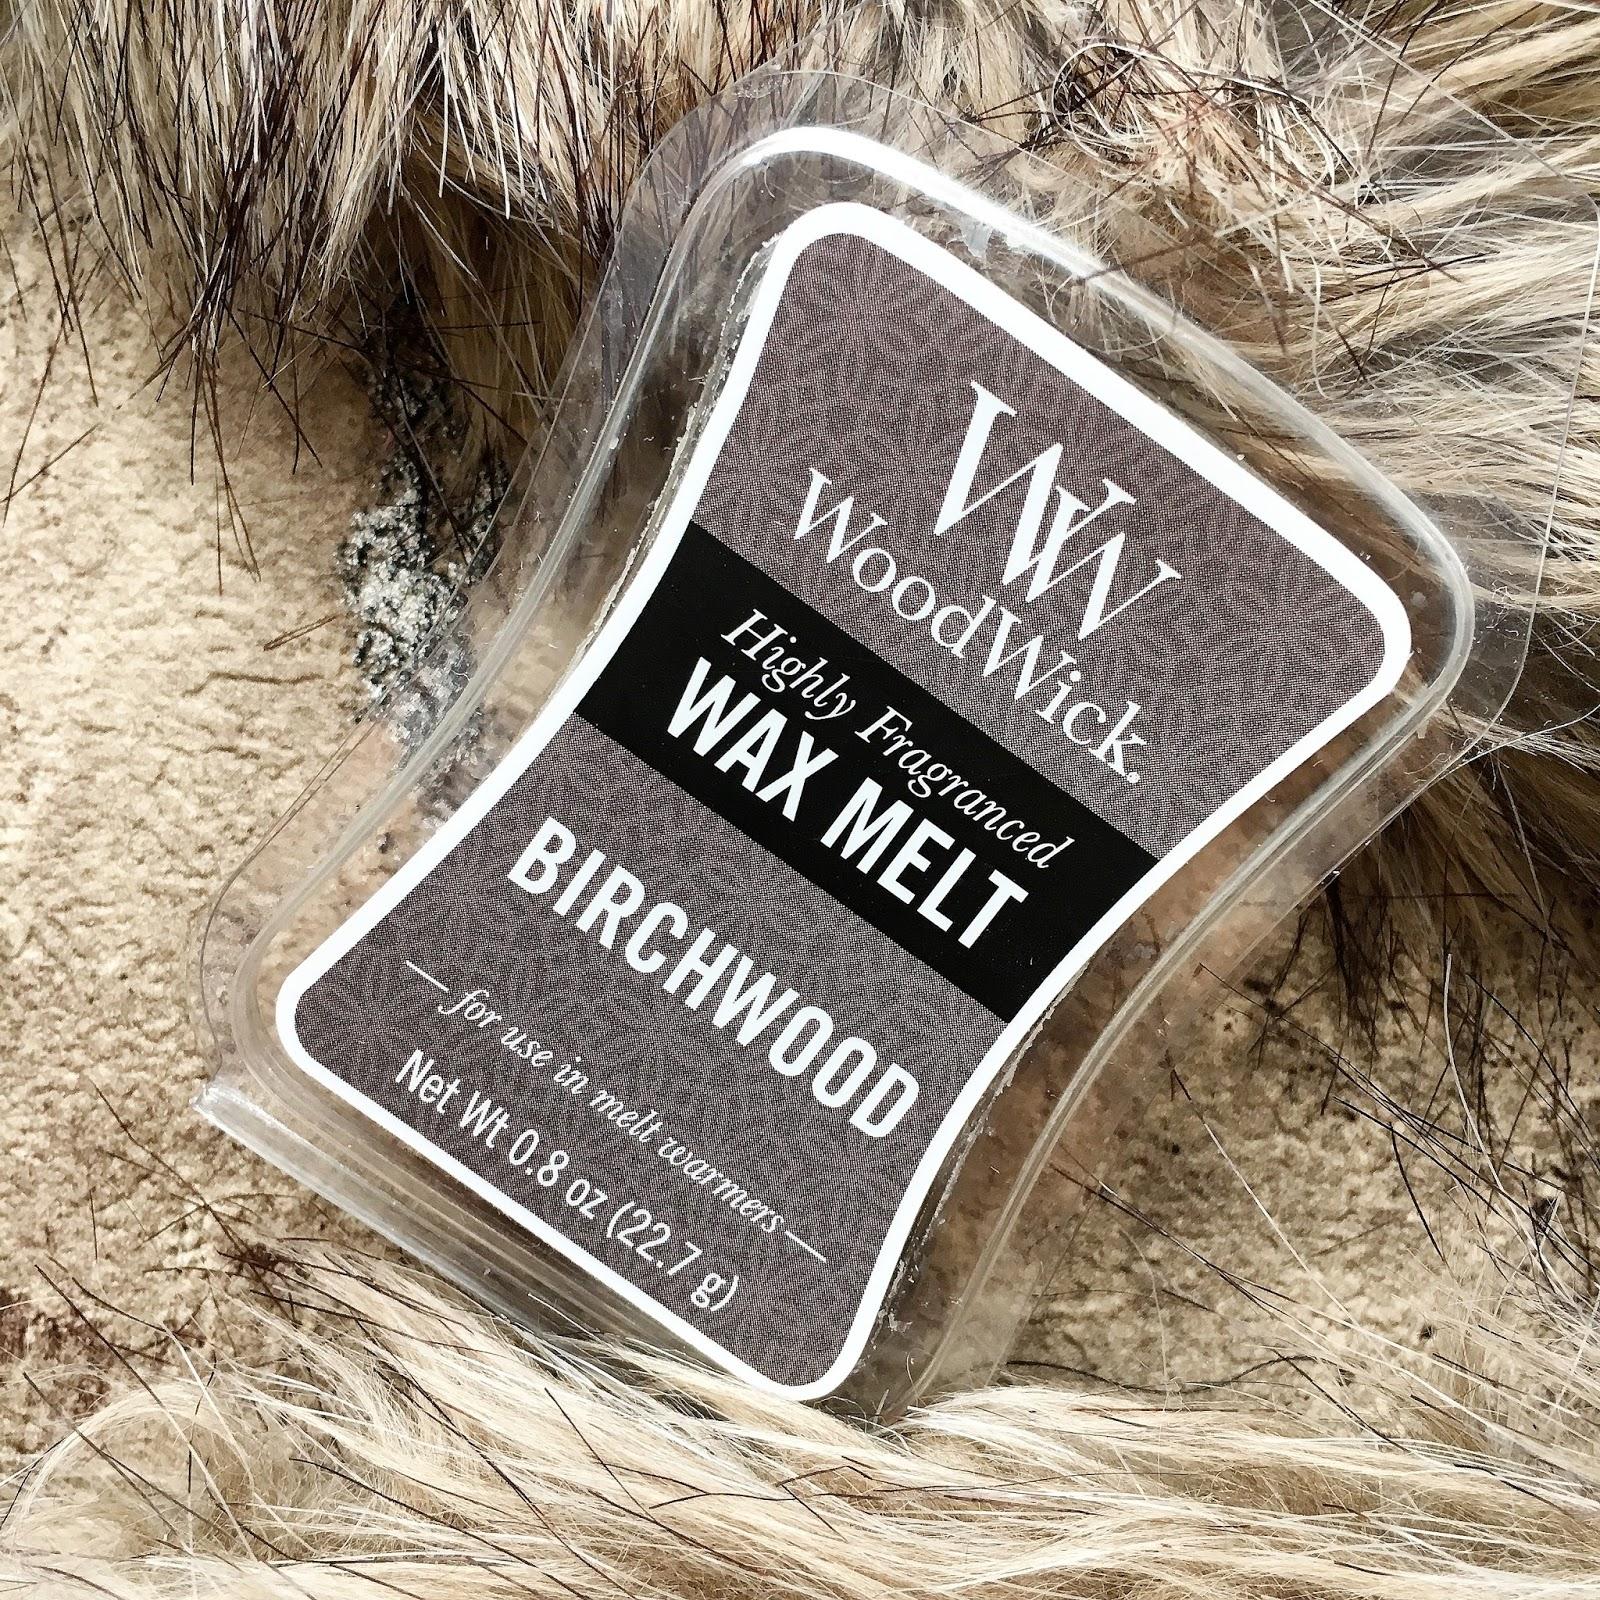 Birchwood, WoodWick